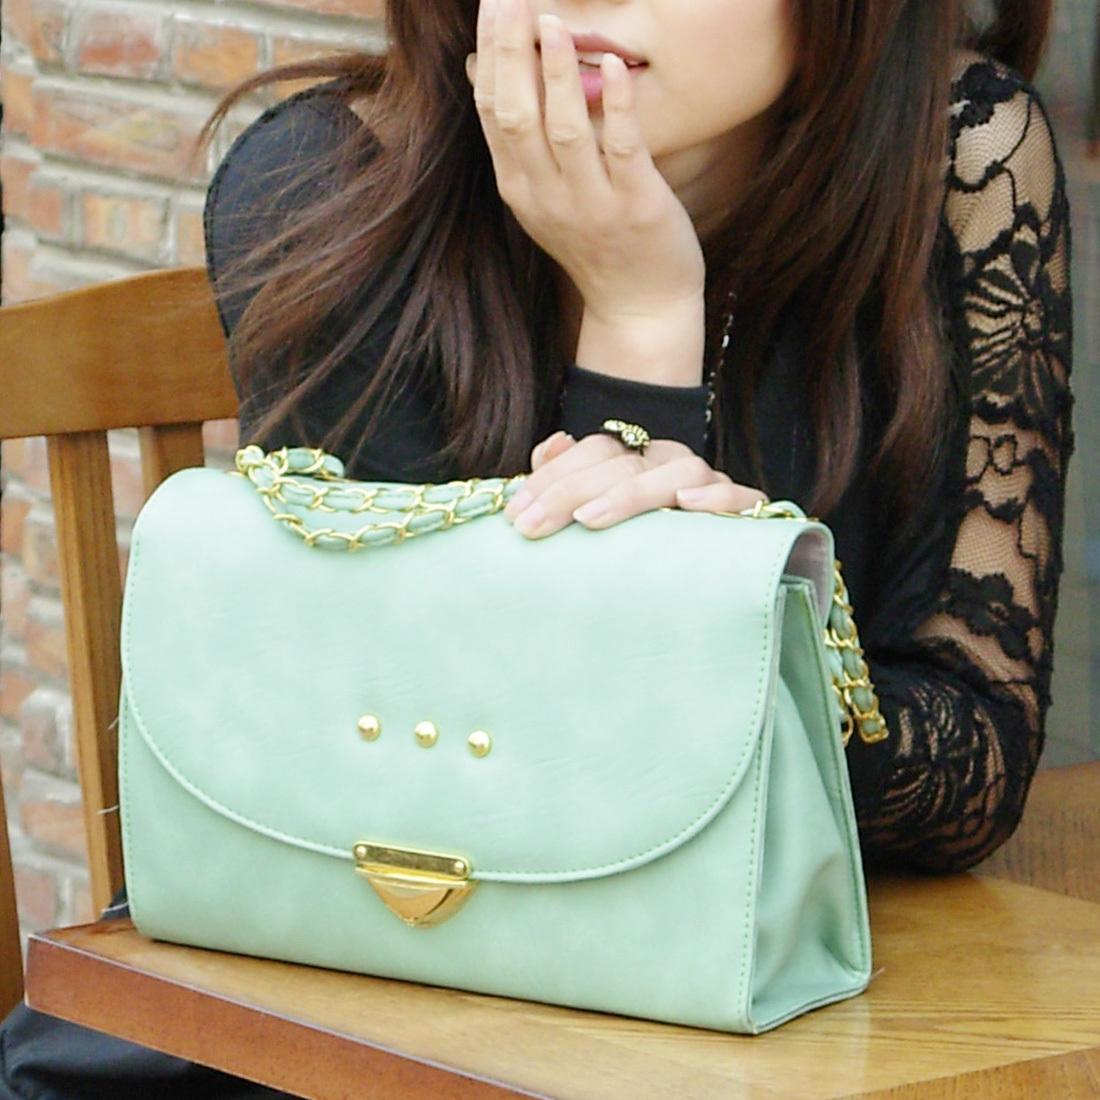 Retro-style purse